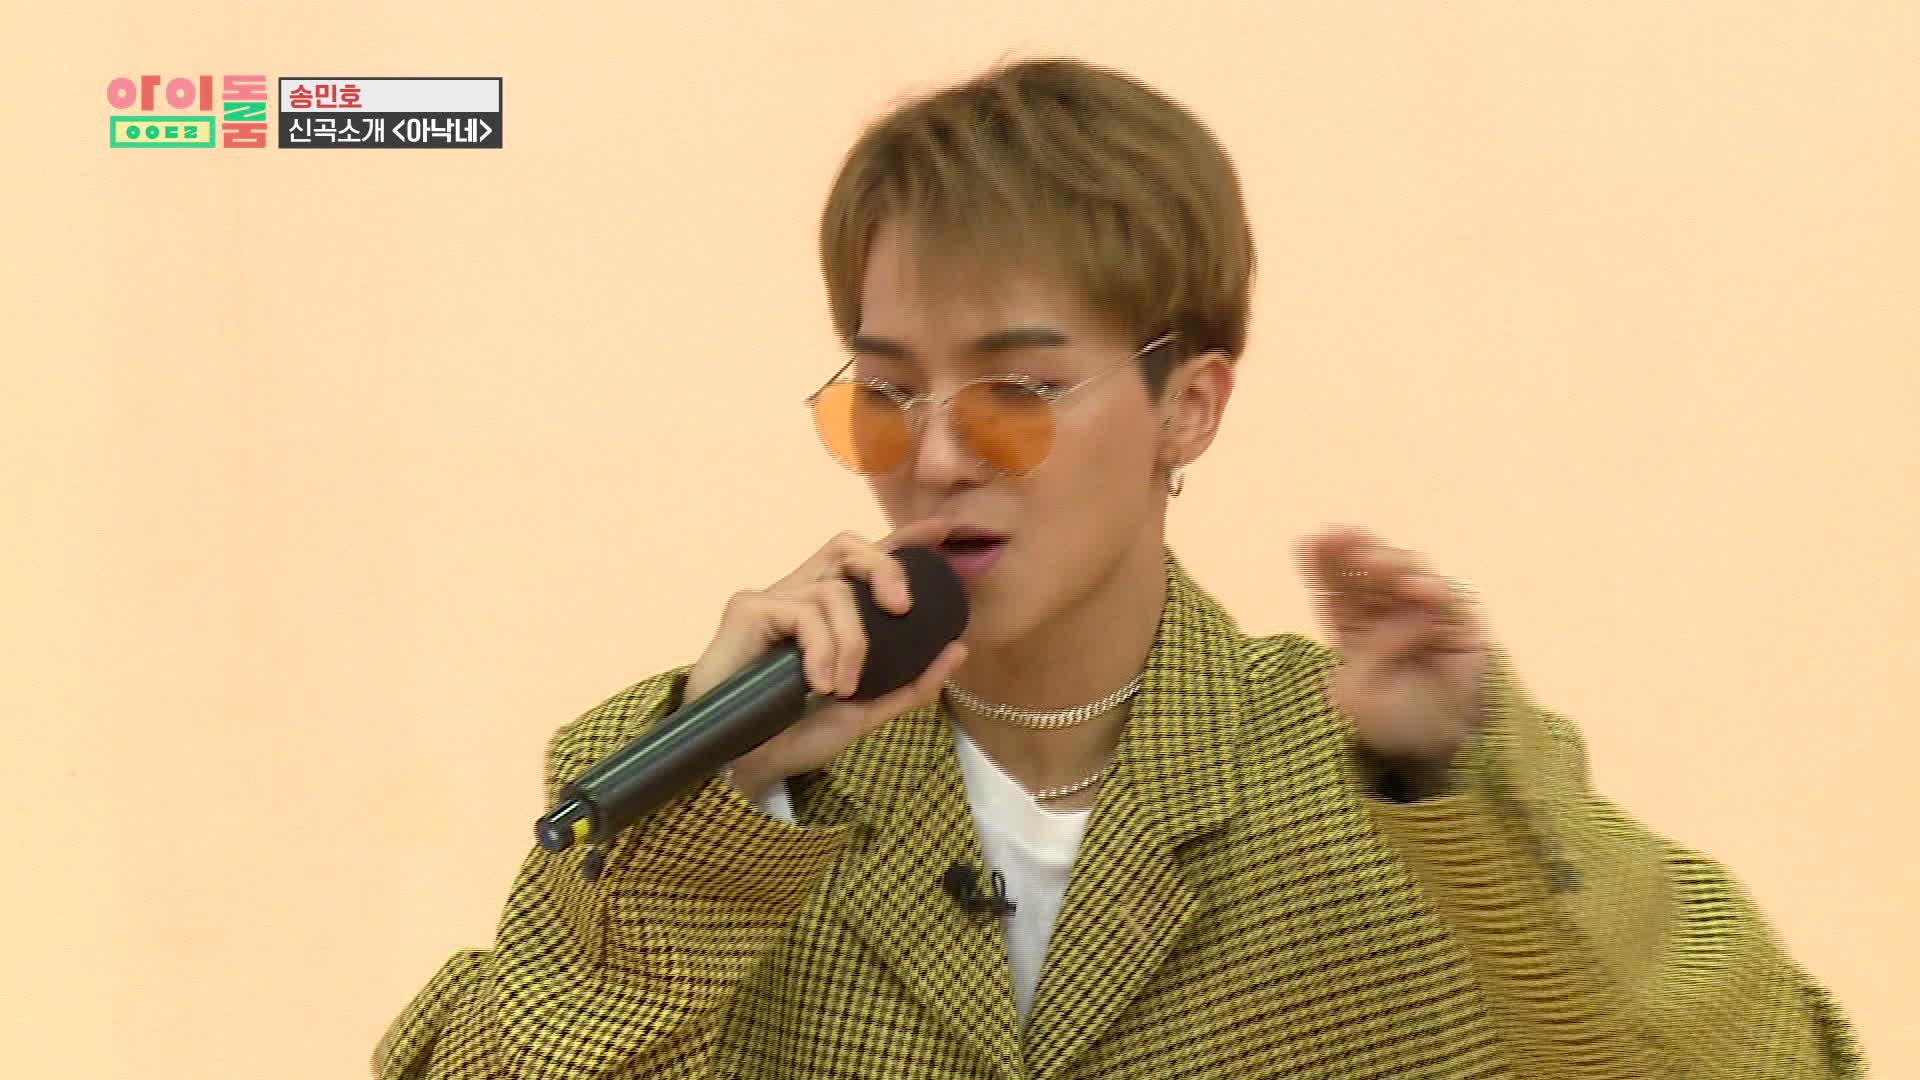 아이돌룸(IDOL ROOM) 29회 - MINO 첫 솔로앨범 신곡 '아낙네' 공개!